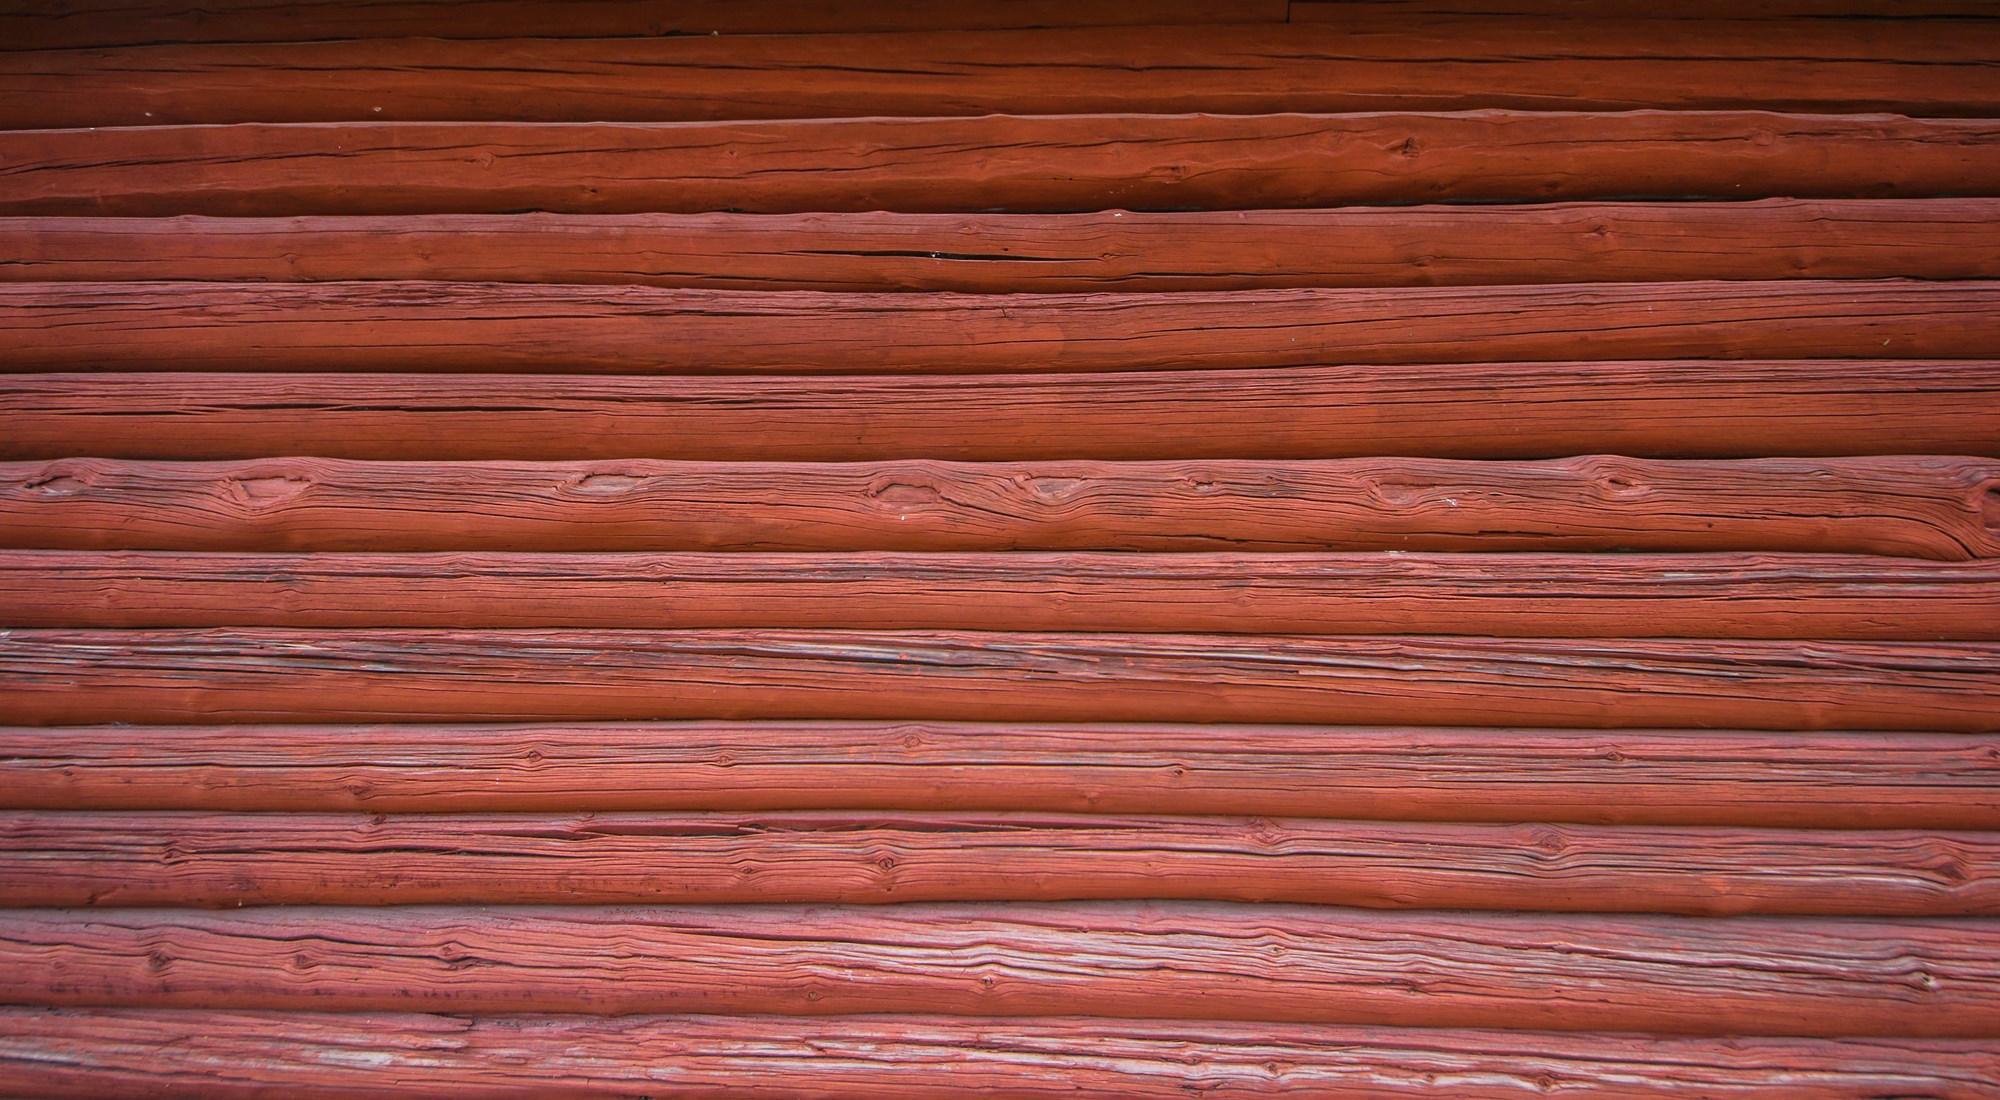 falu rödfärg vägg